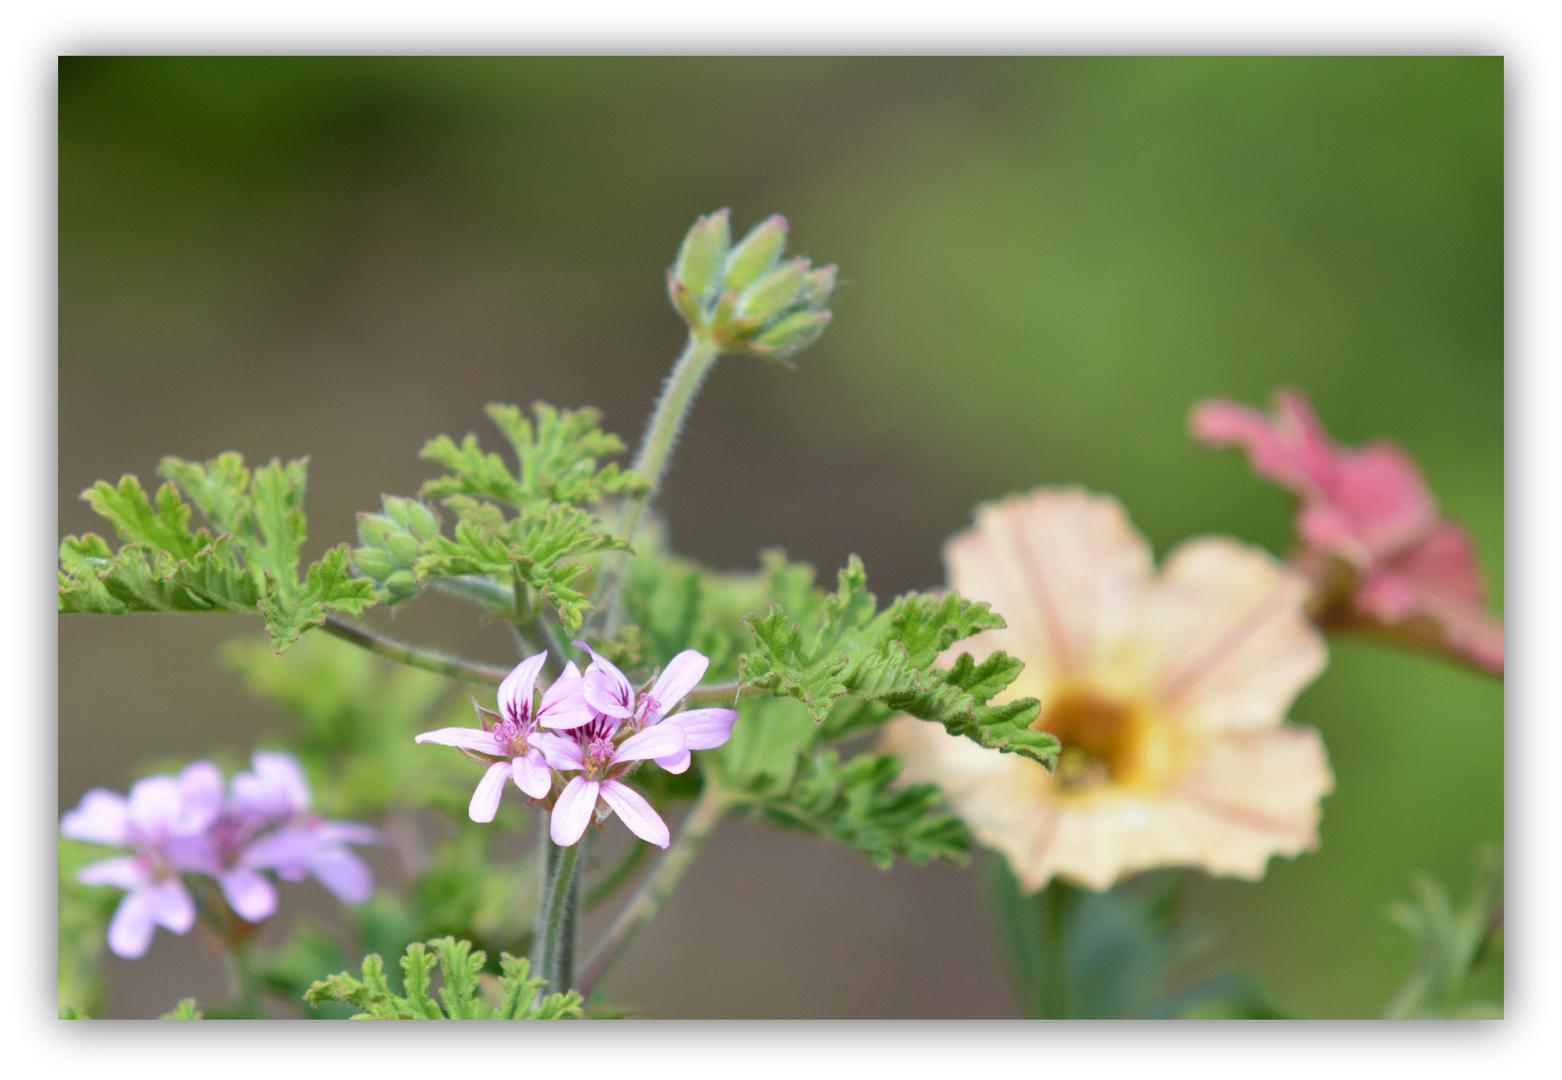 Mit Zitronenduft Gegen Mücken Foto Bild Natur Pflanzen Blüten